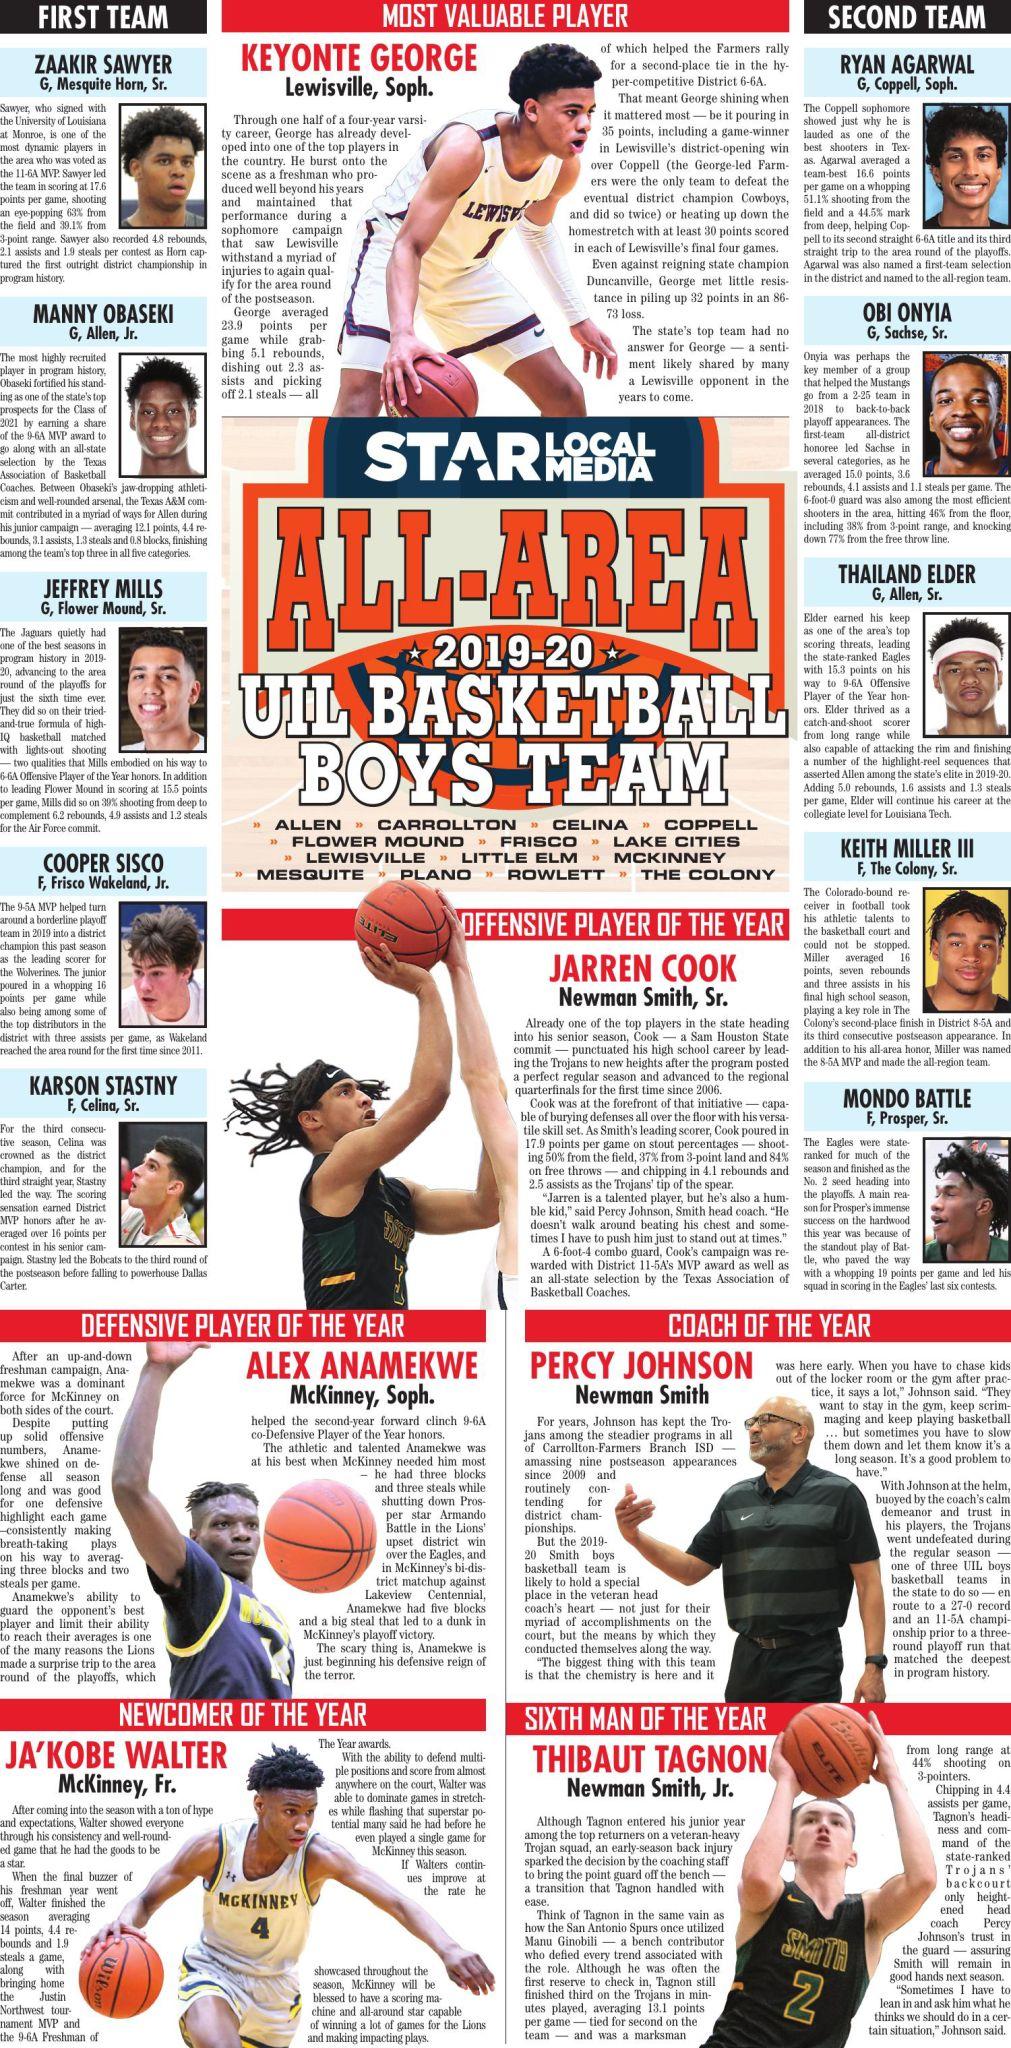 2019-20 Star Local Media All-Area Boys Basketball Team